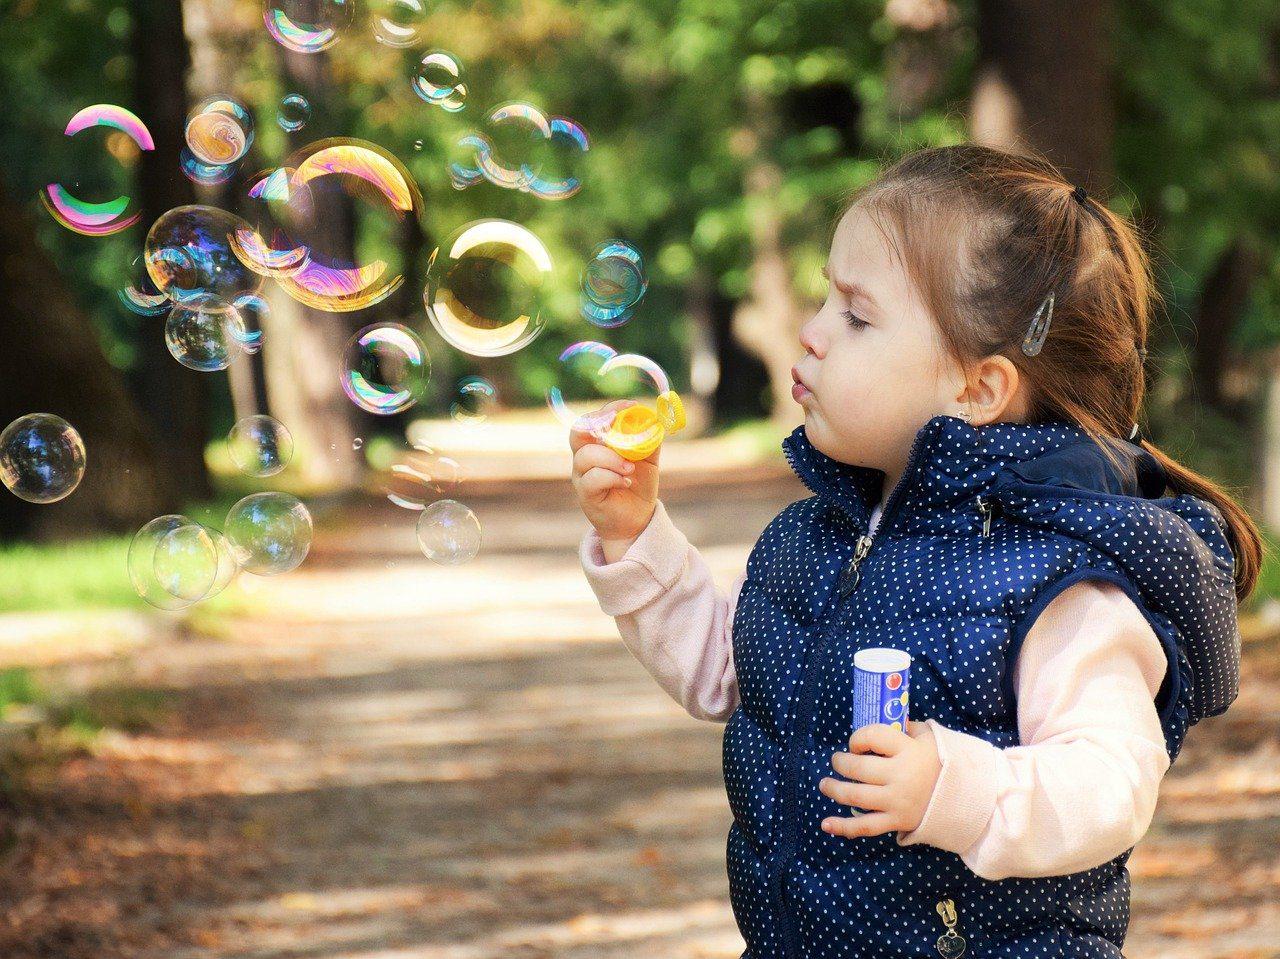 Lapsi puhaltaa saippuakuplia